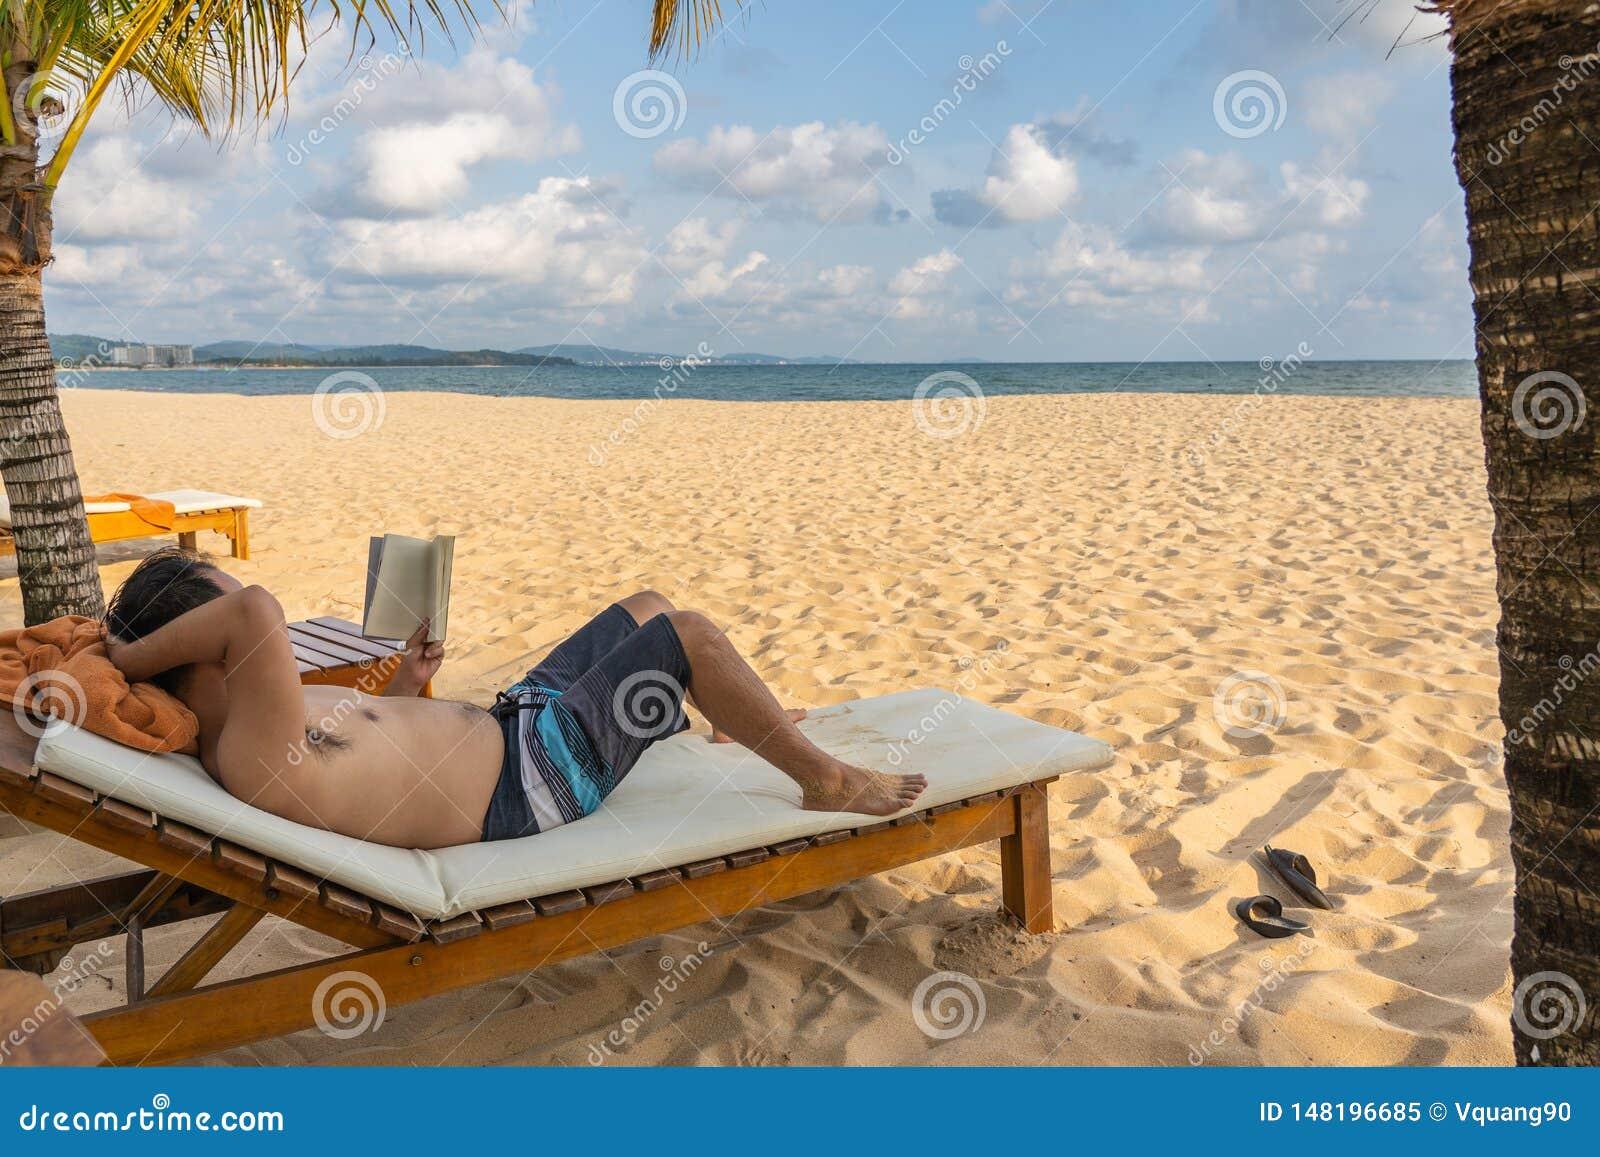 Χαλαρώστε το χρόνο στην παραλία με το βιβλίο